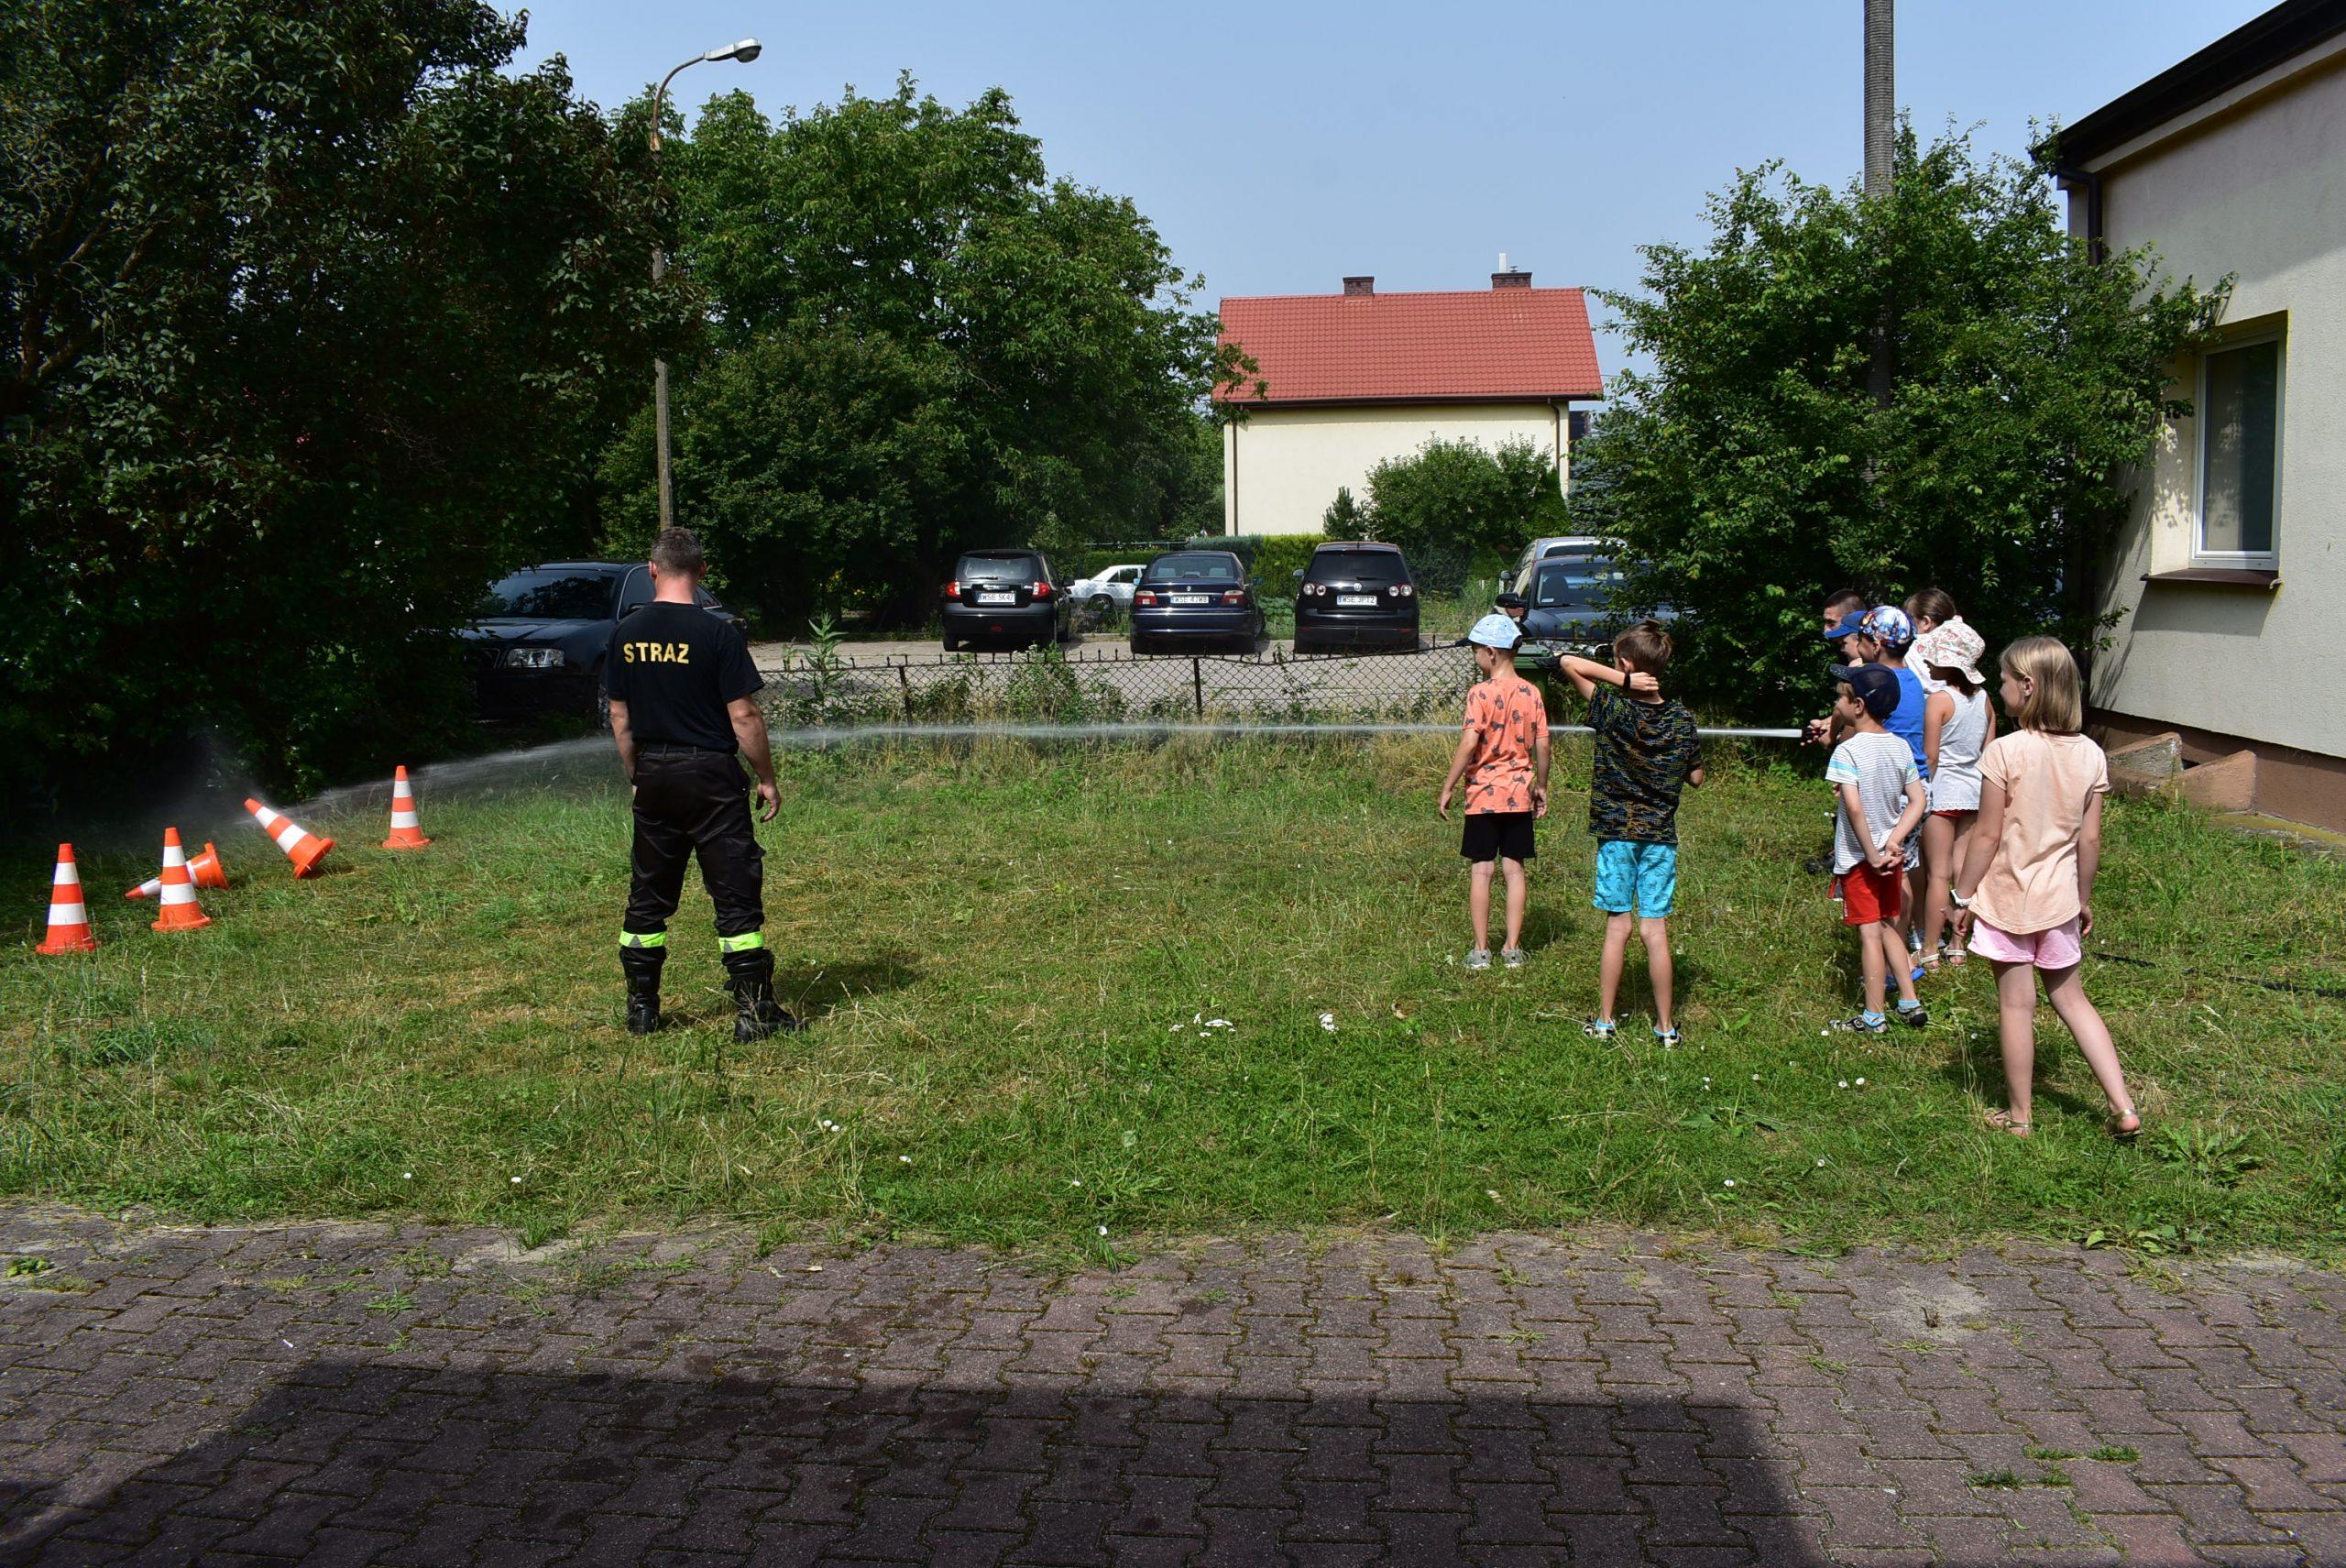 Dzieci próbują trafić wpachołki zapomocą wody zestrażackiej sikawki.